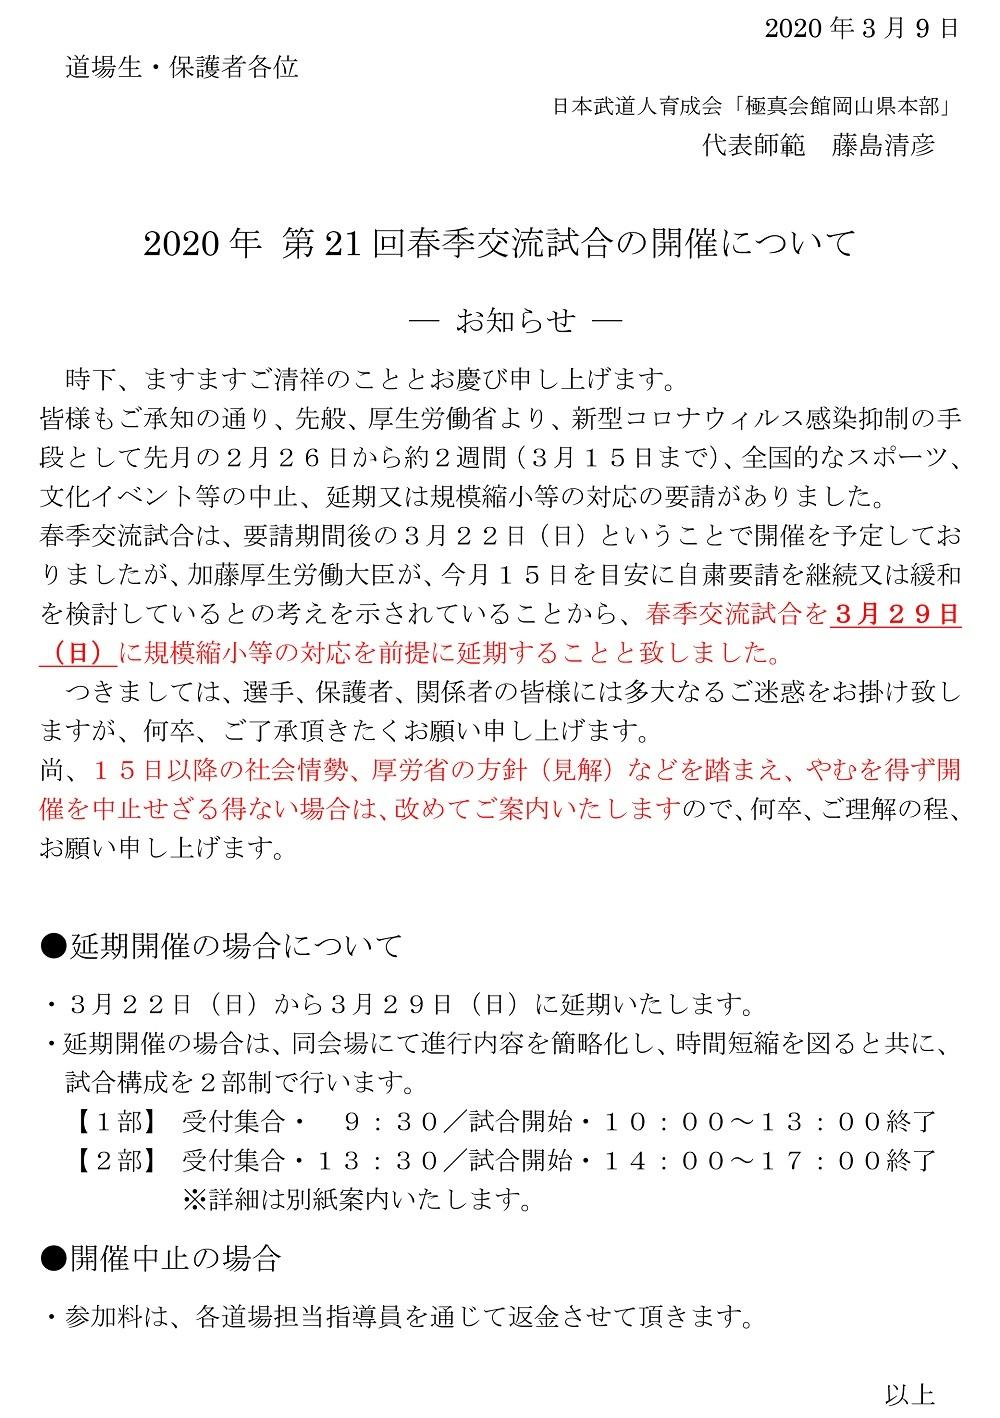 2020年 春季交流試合(延期の案内)2